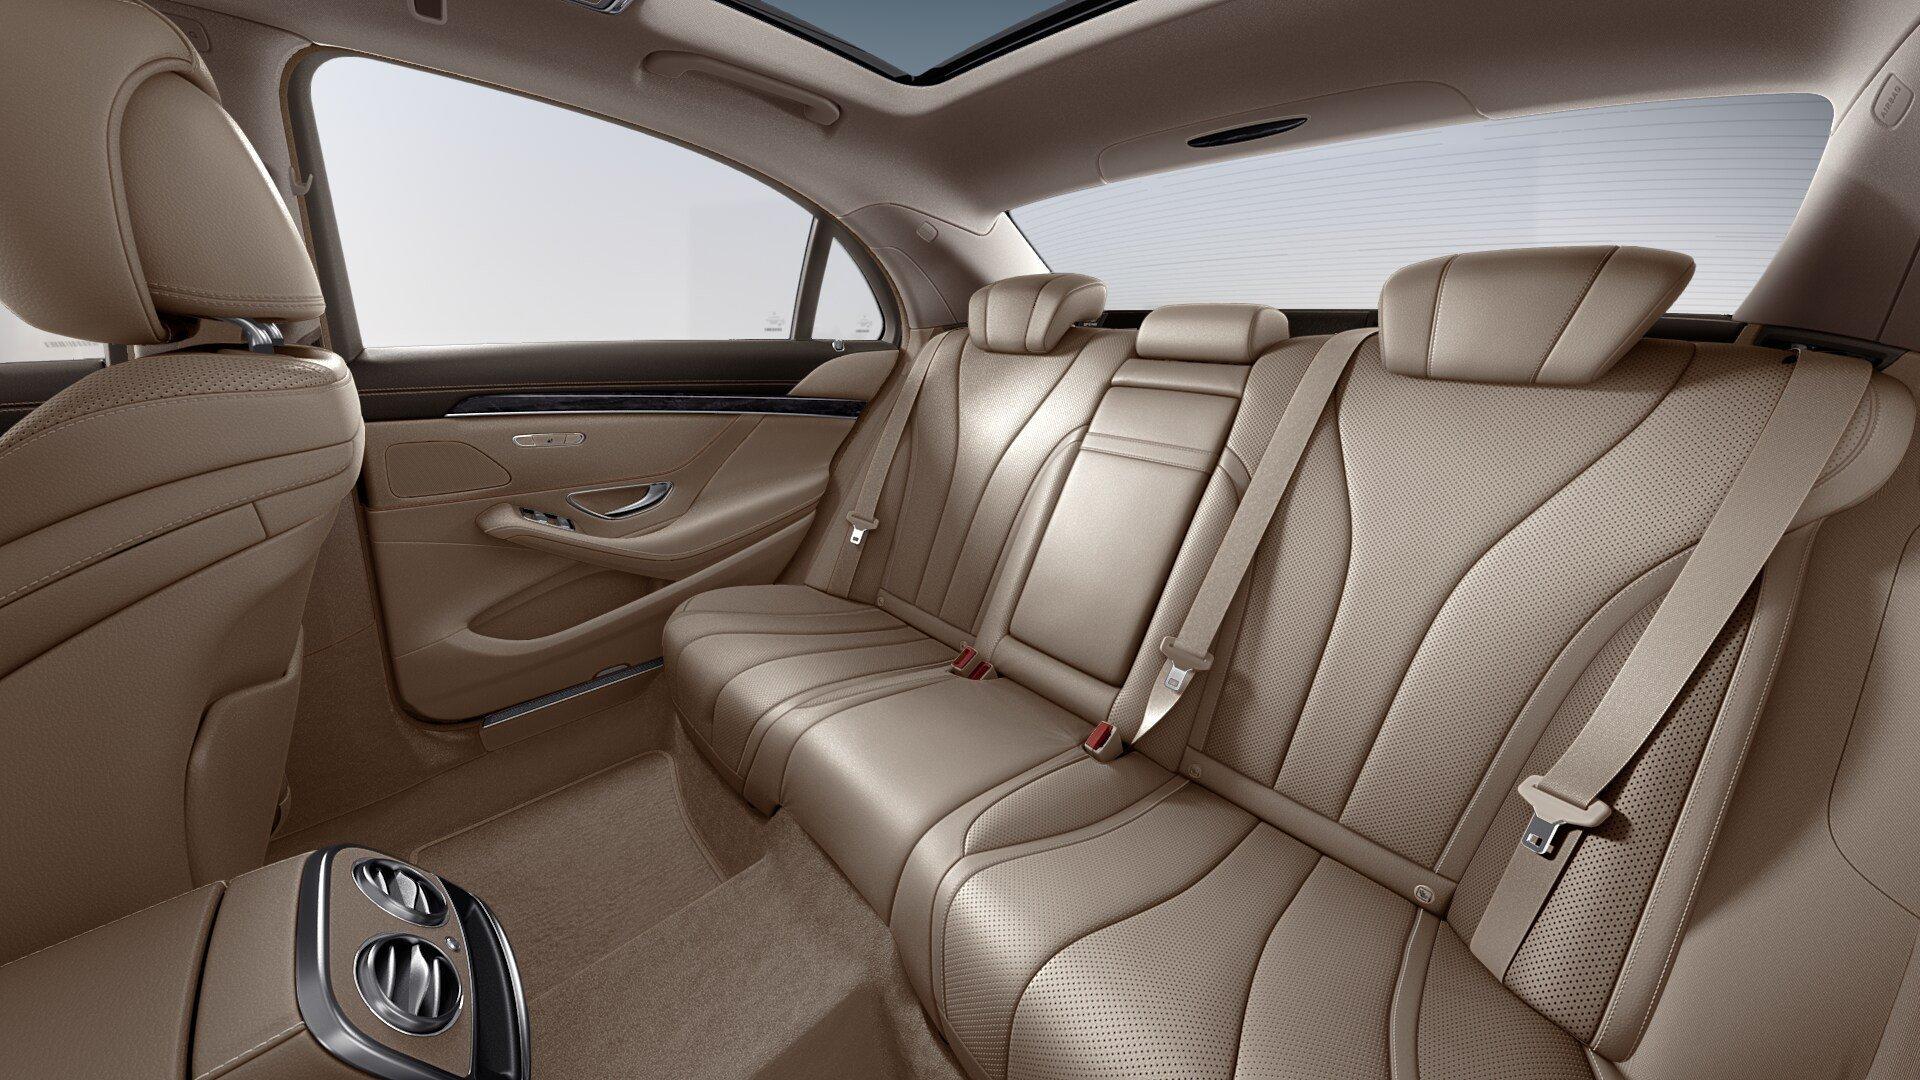 Sedili interni in pelle della Mercedes